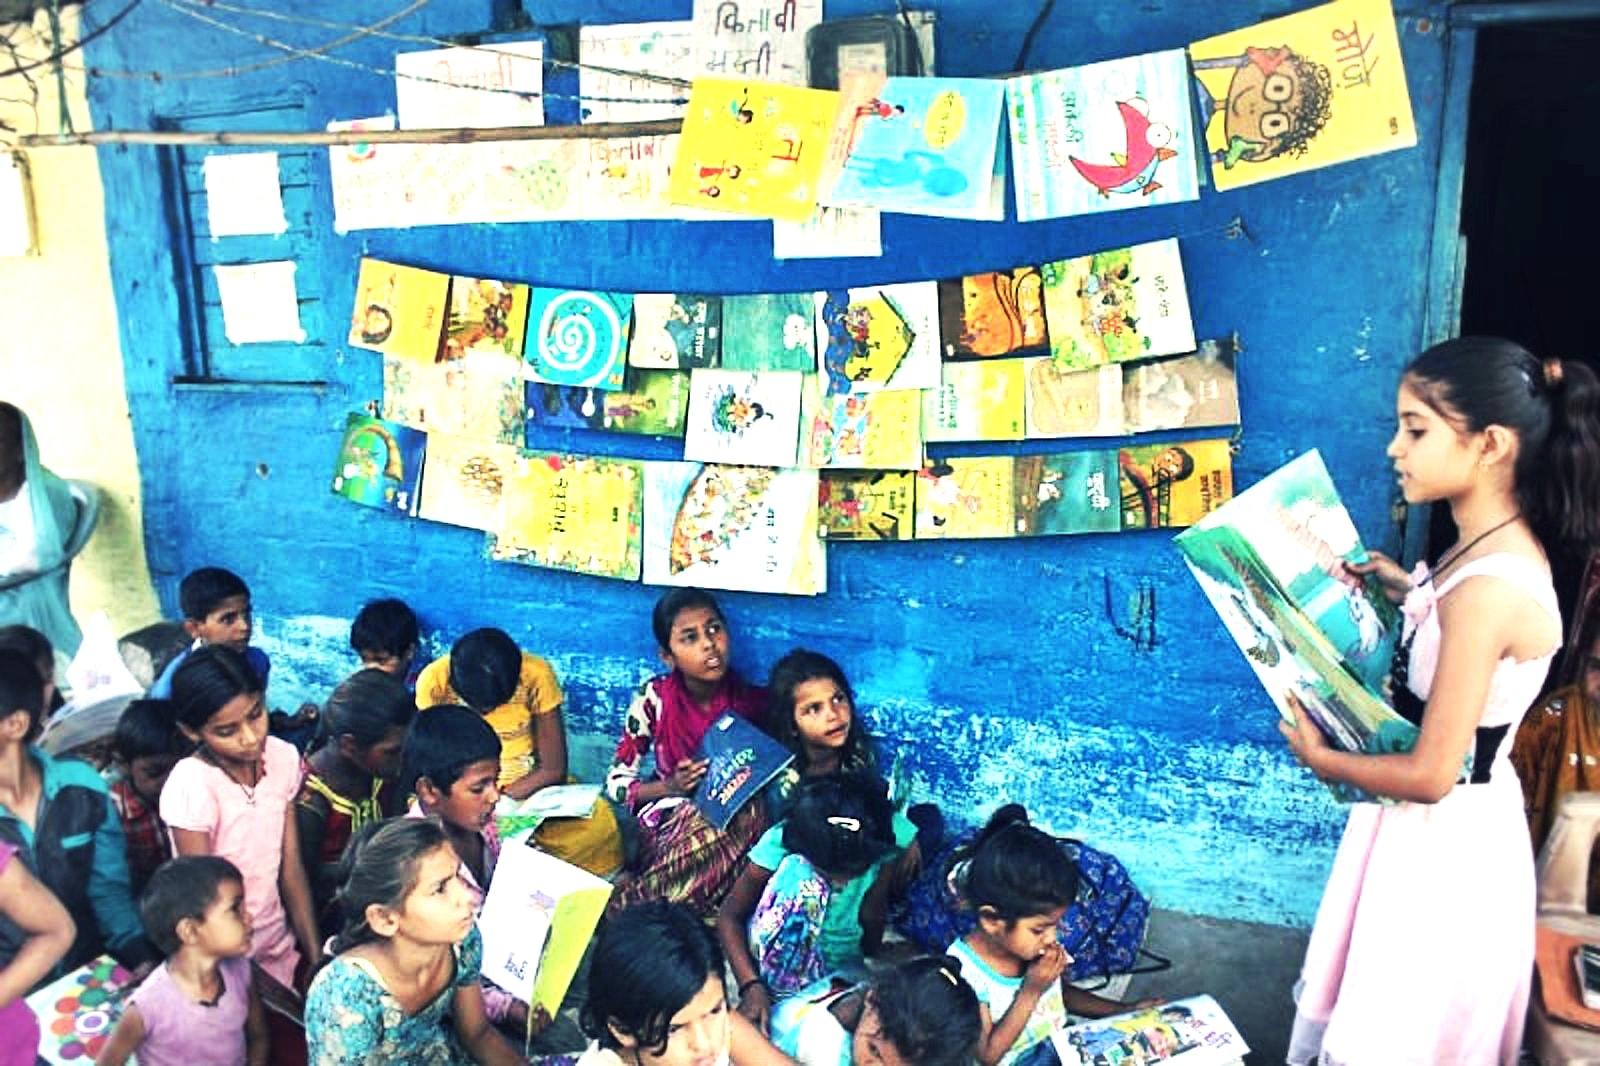 Eine 9-jährige verändert ihre Welt. // Die Bibliothek für Kinder.